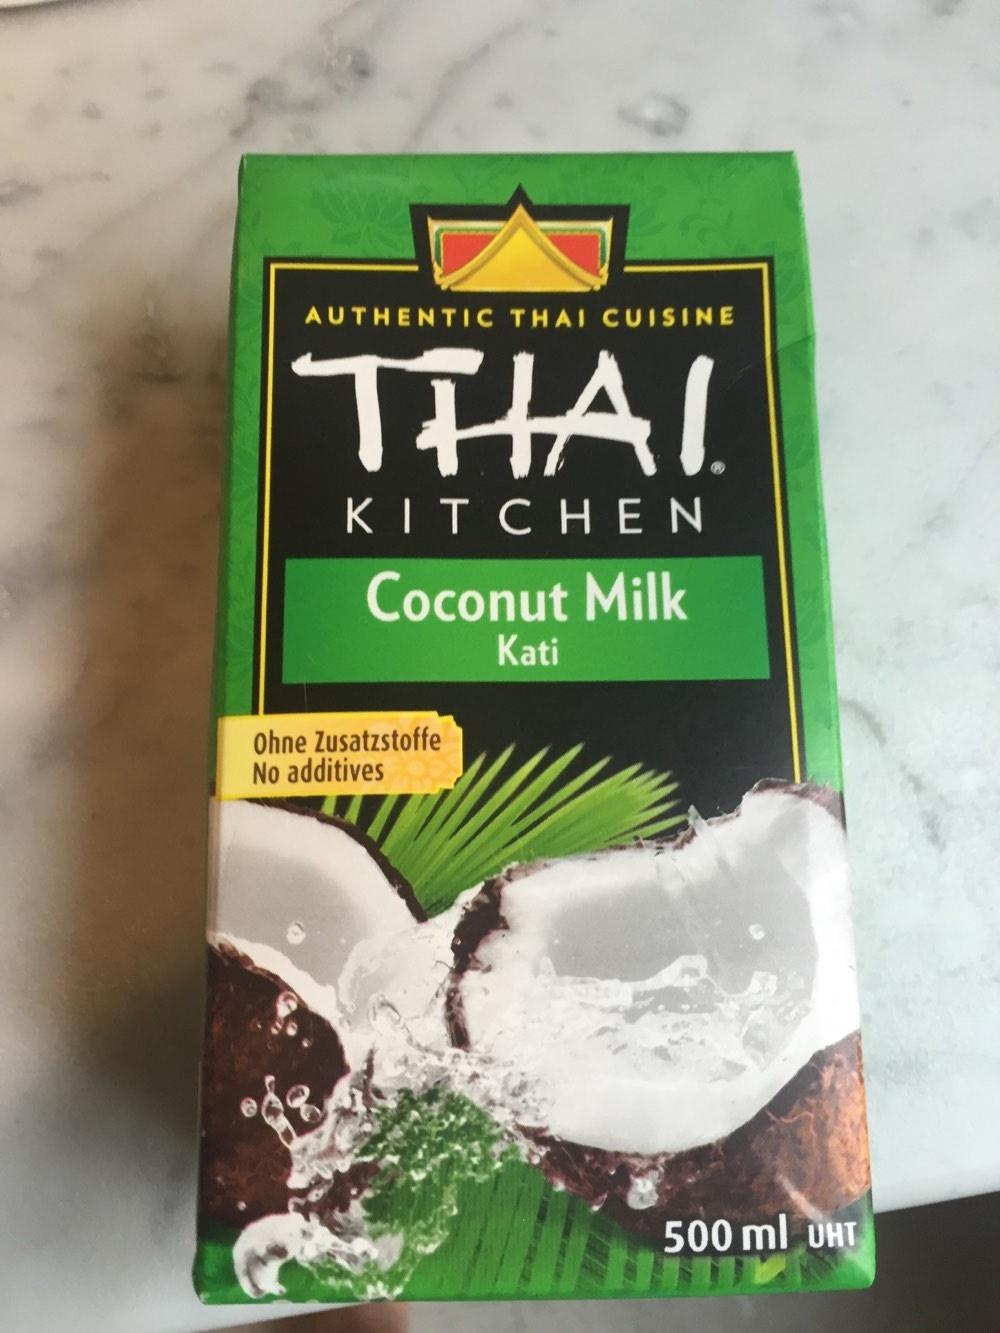 Groovy Coconut Milk Thai Kitchen 500 Ml Interior Design Ideas Clesiryabchikinfo